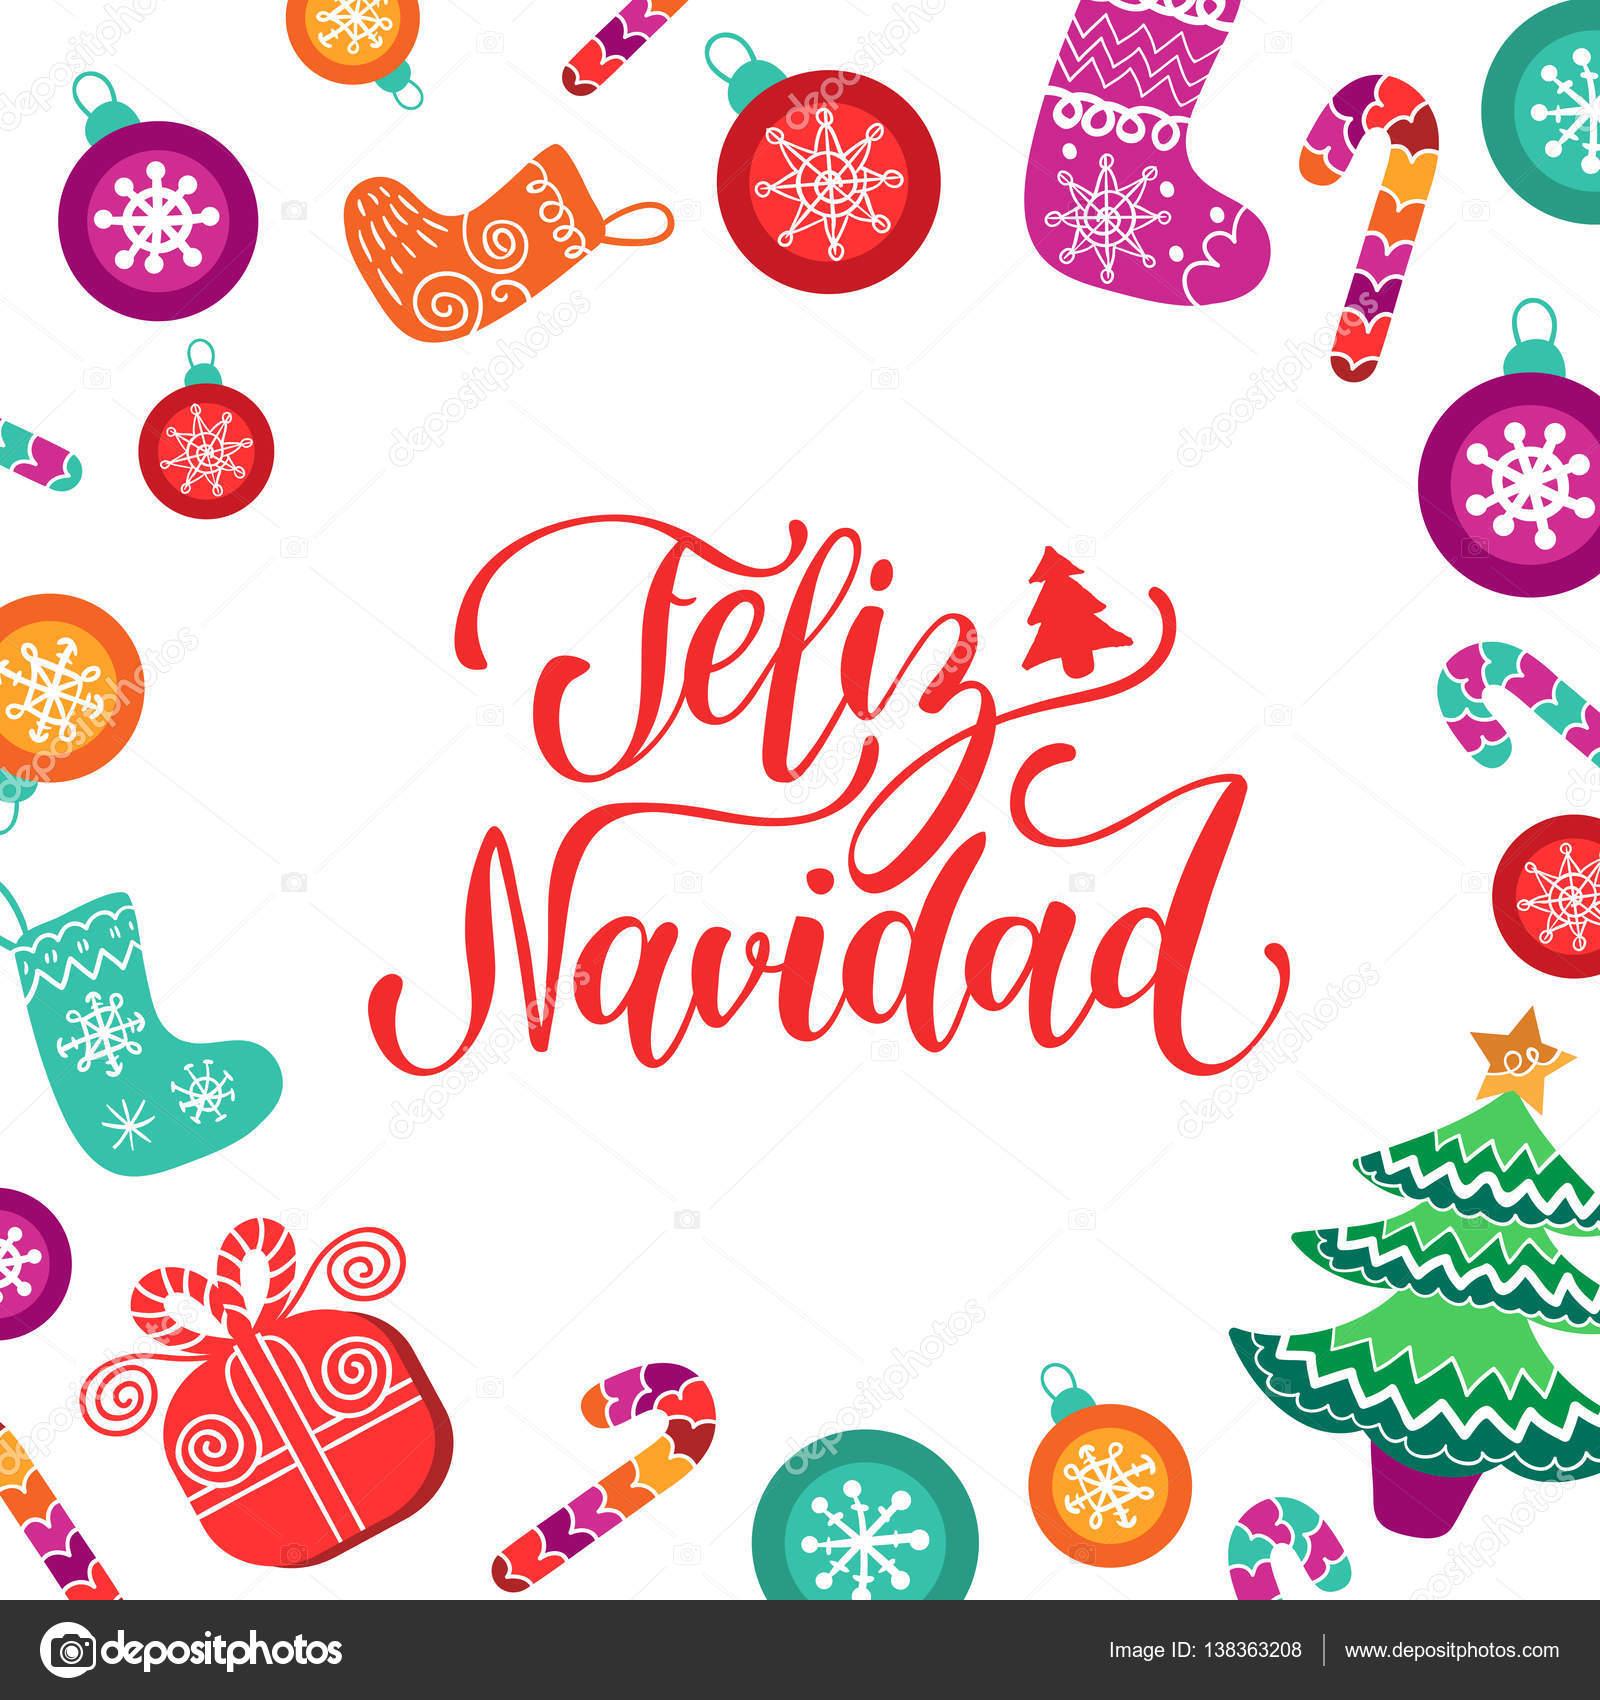 Feliz Navidad, Letras de feliz Navidad — Archivo Imágenes ...